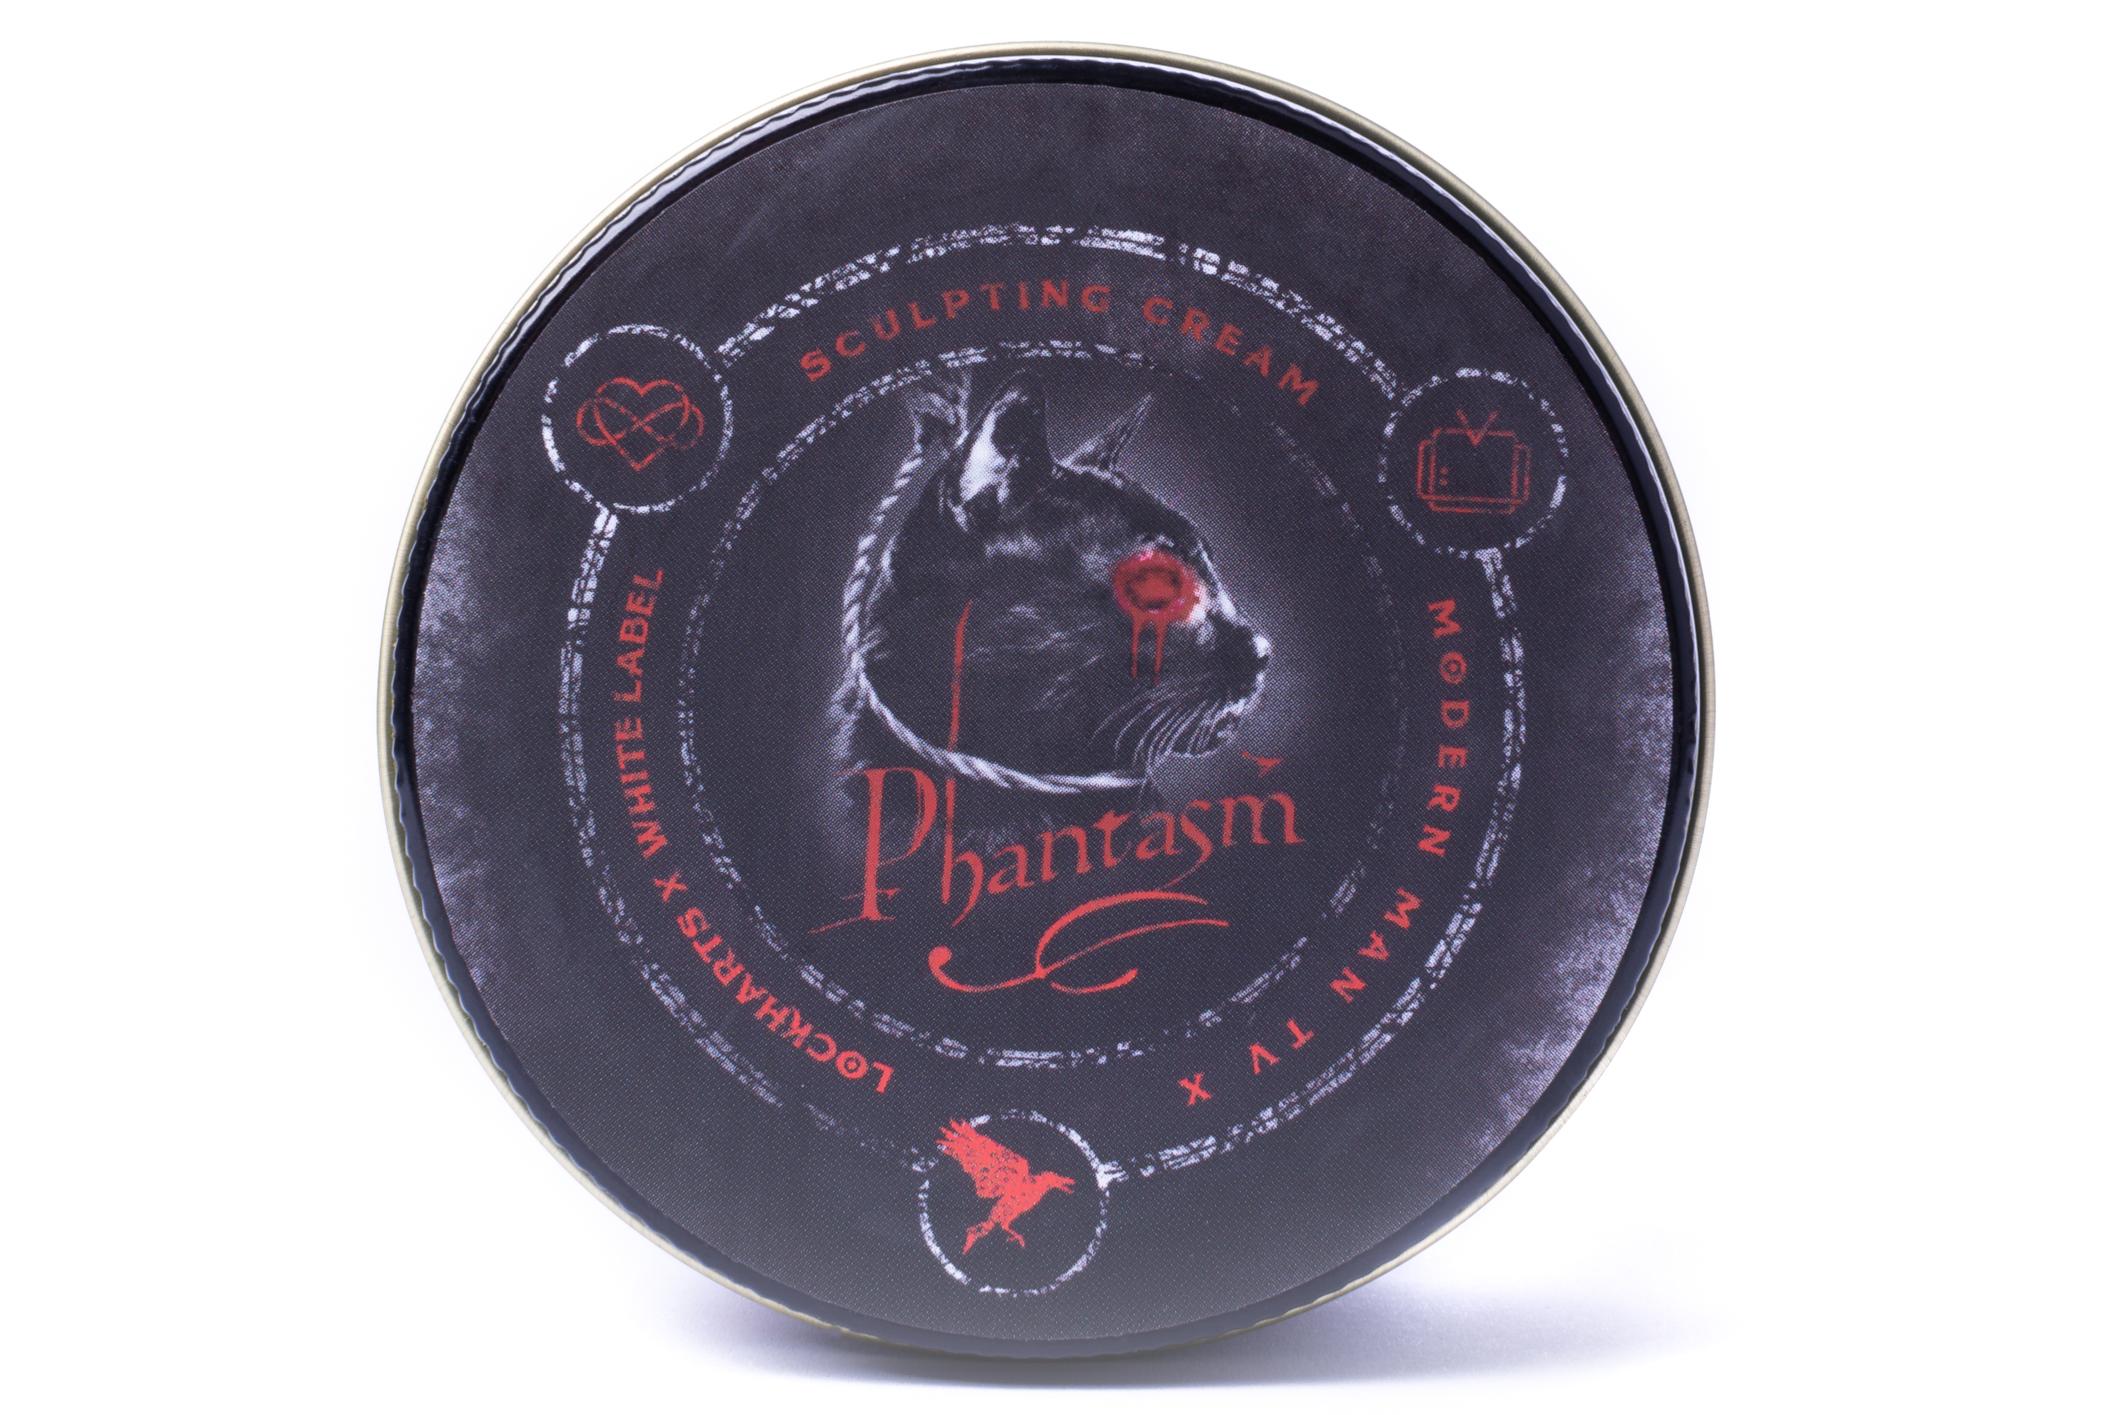 Lockhart's Phantasm Sculpting Cream pasta do włosów 35g